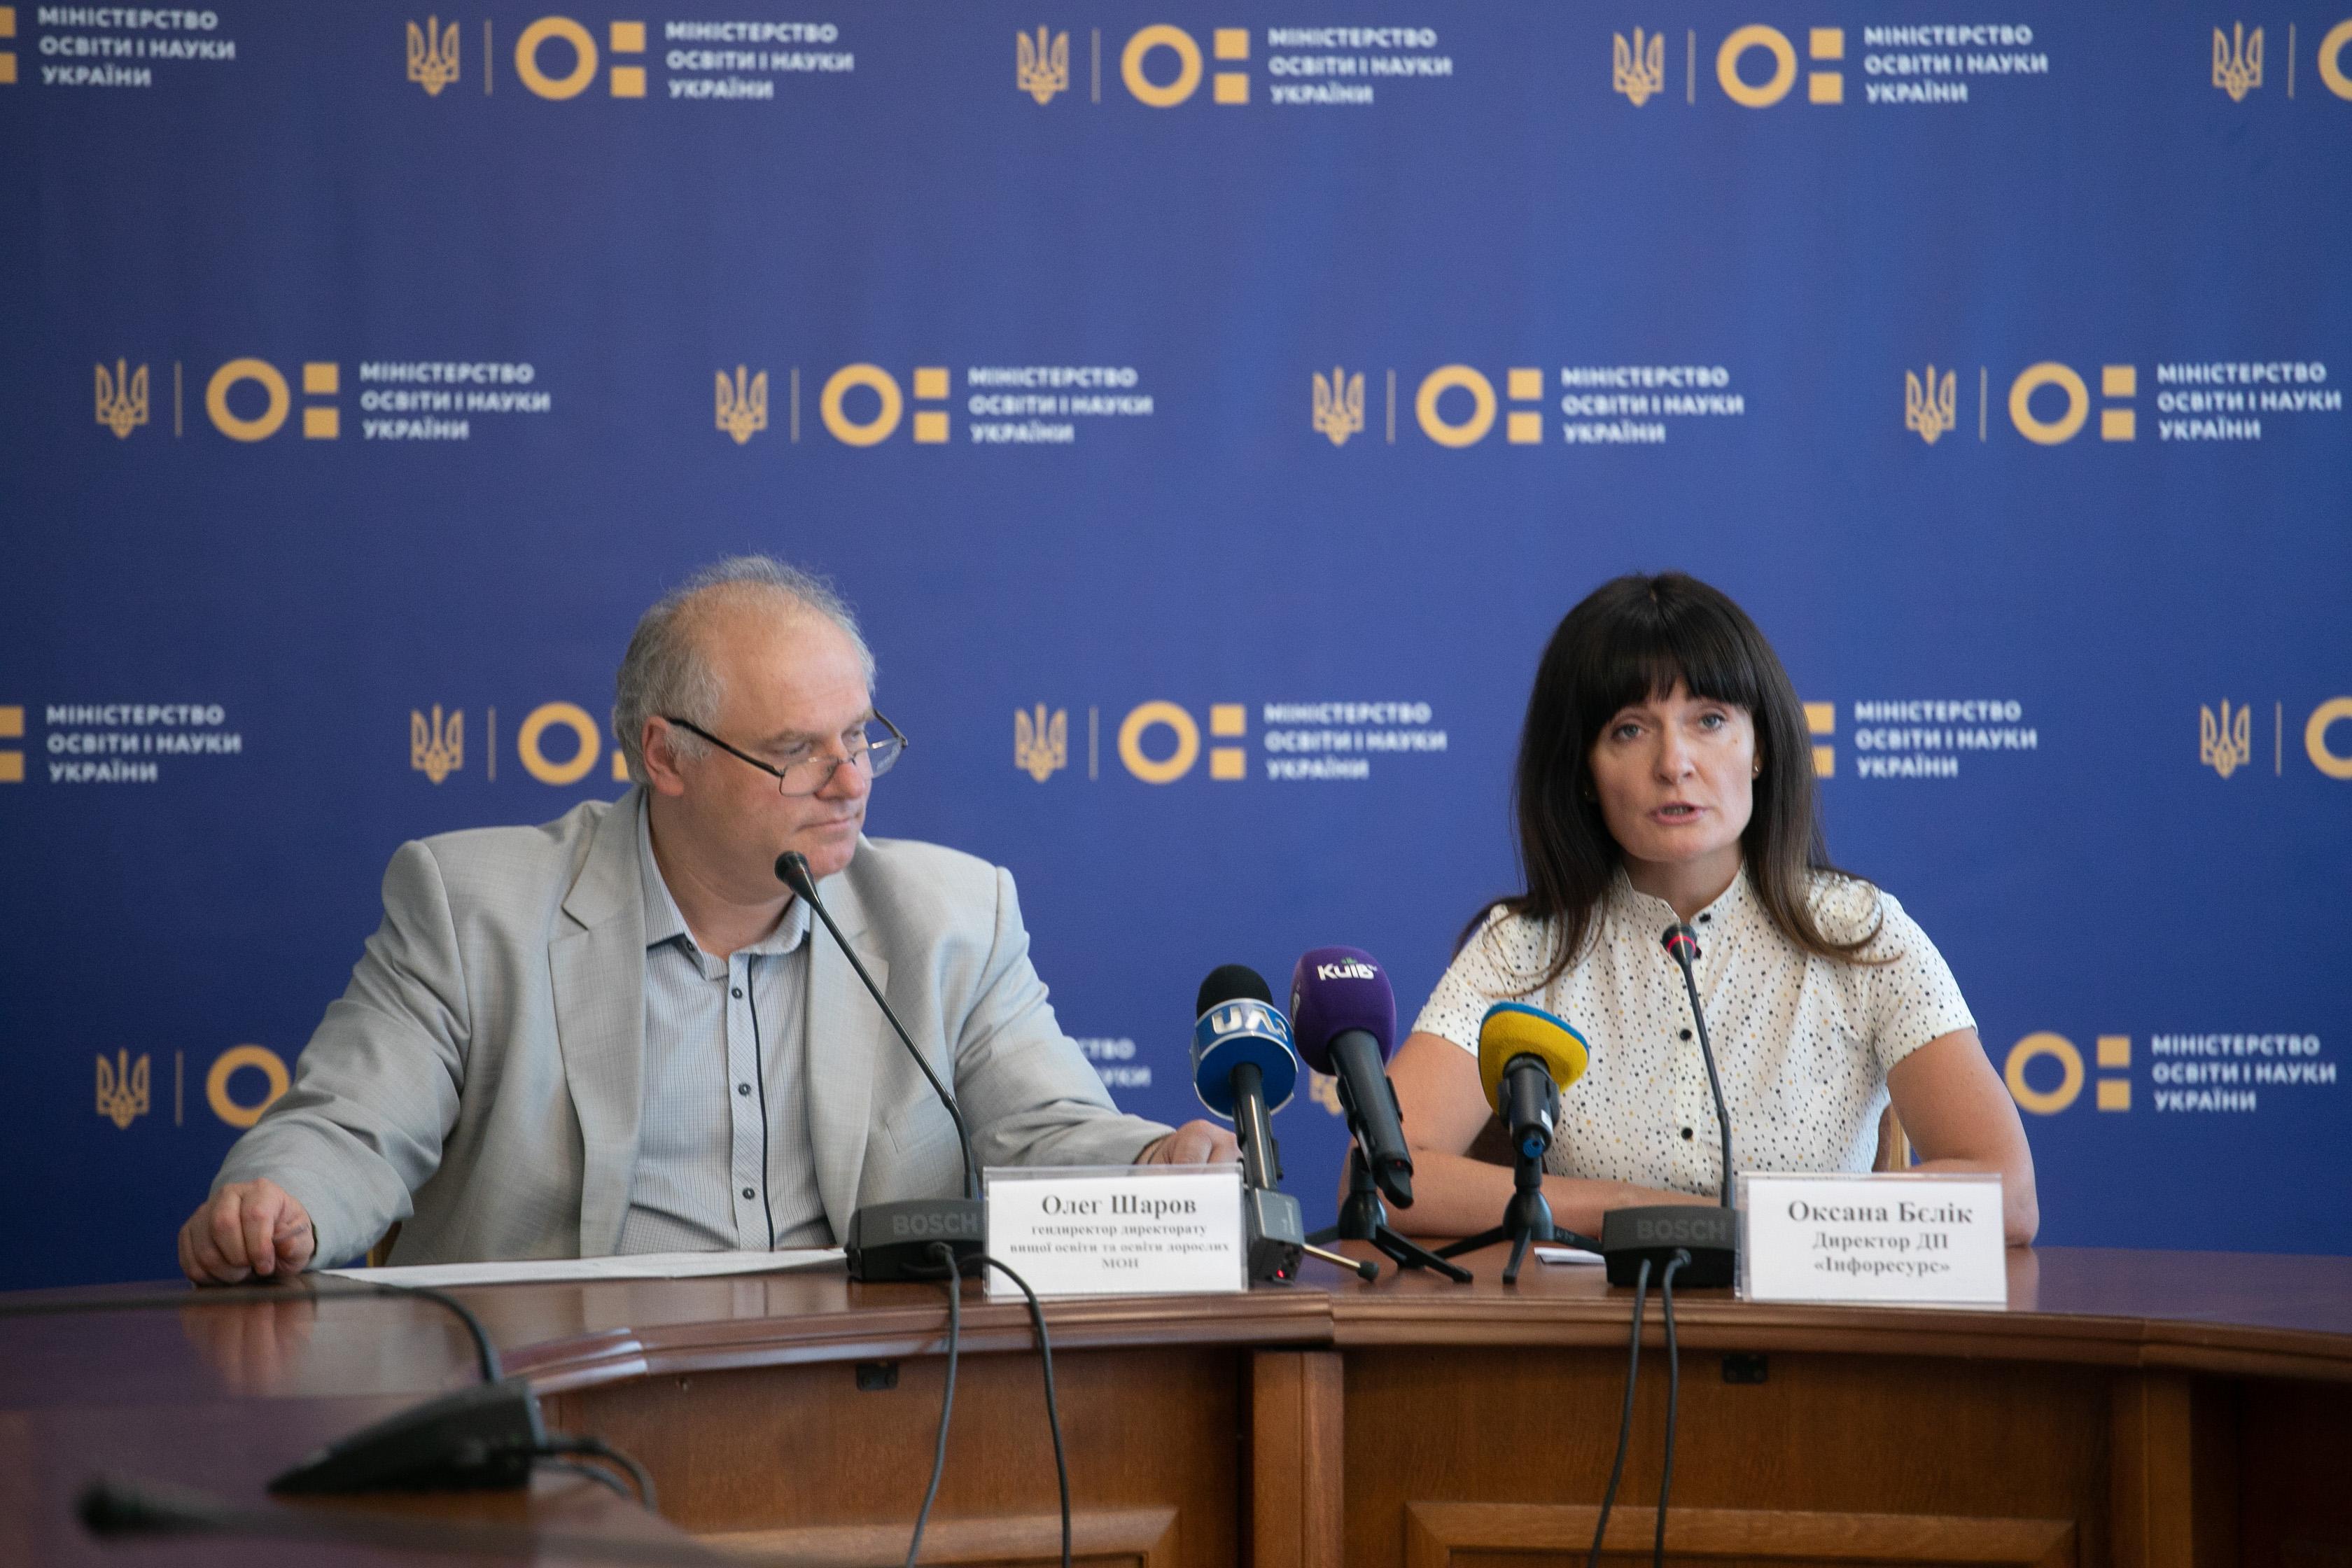 Пресконференція про підсумки екватору вступної кампанії 2019 року (18.07.2019)